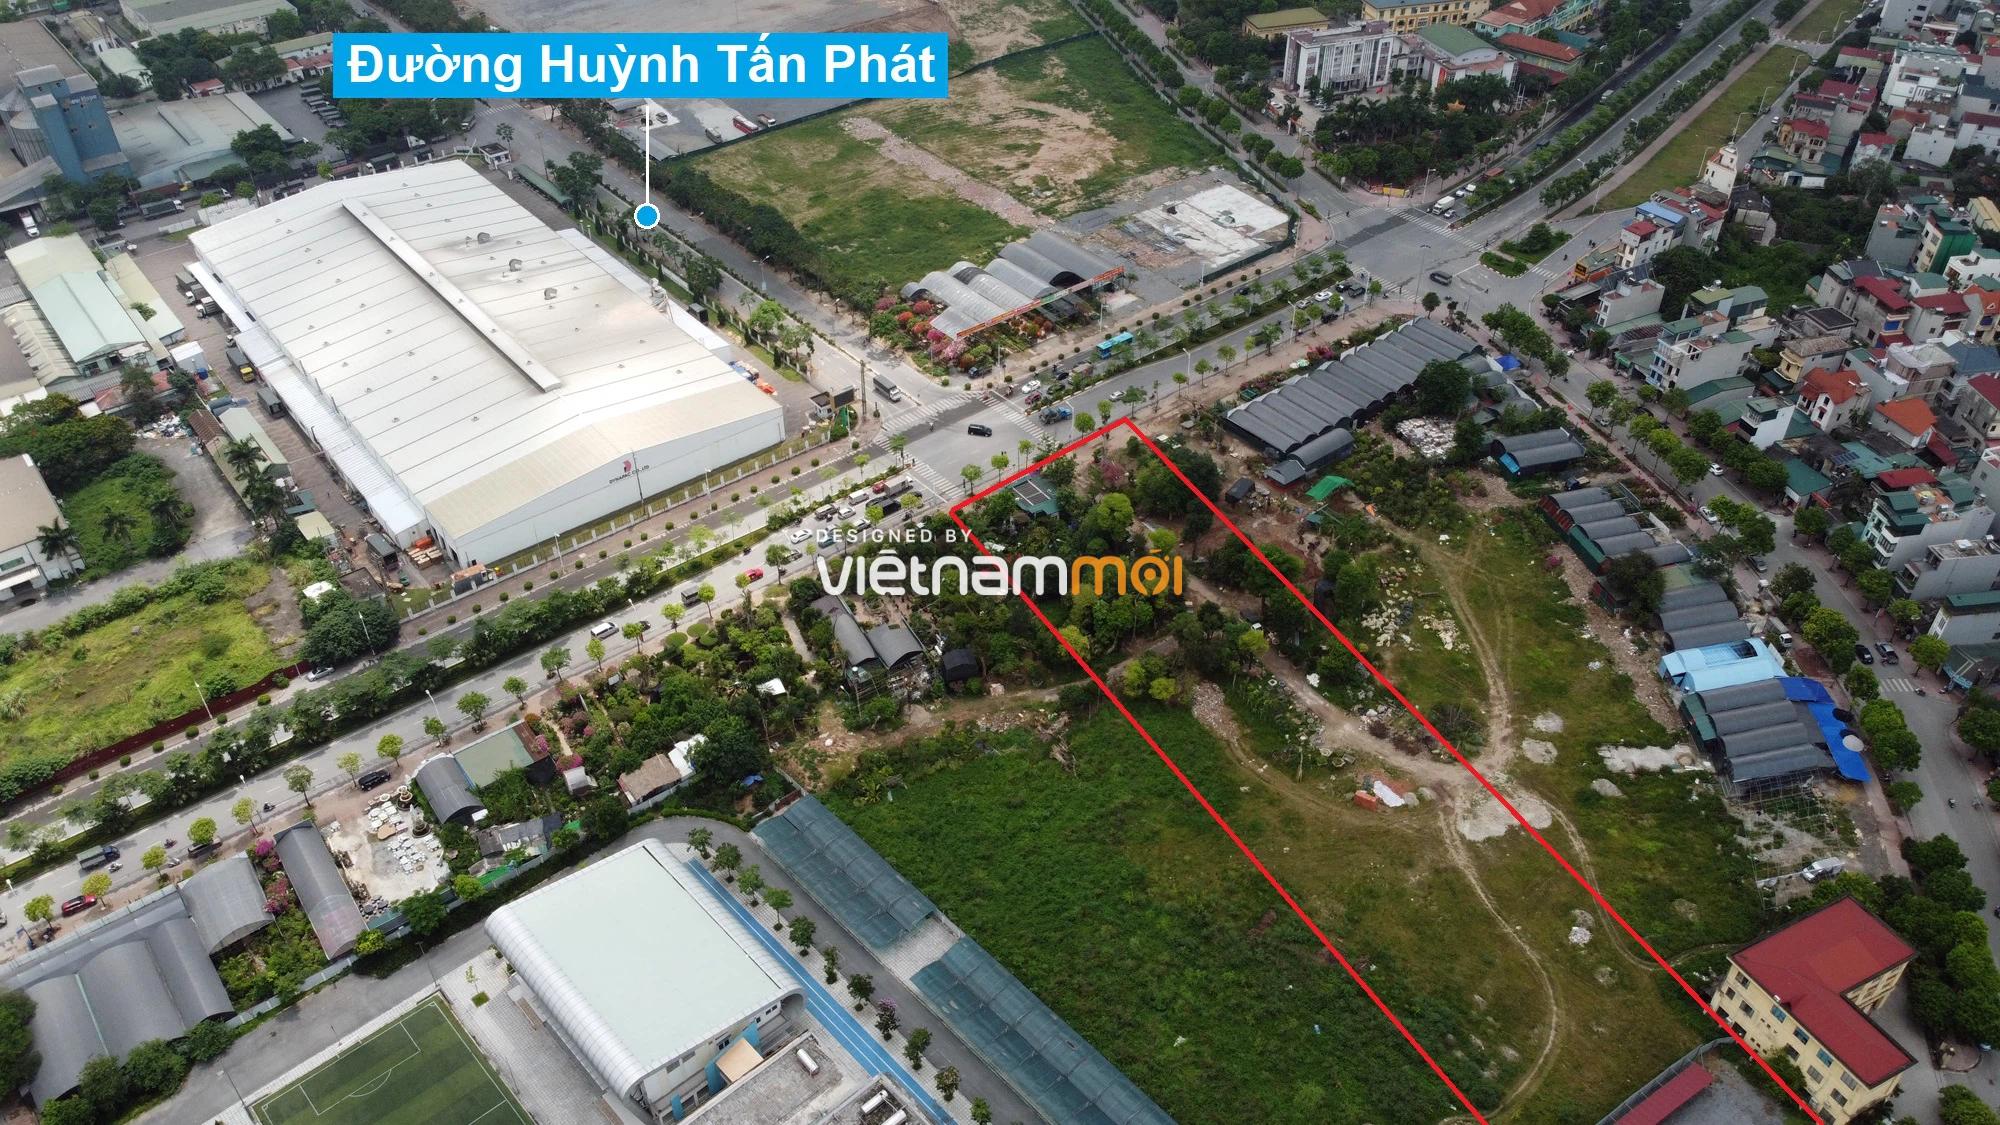 Những khu đất sắp thu hồi để mở đường ở phường Long Biên, Long Biên, Hà Nội (phần 4) - Ảnh 3.